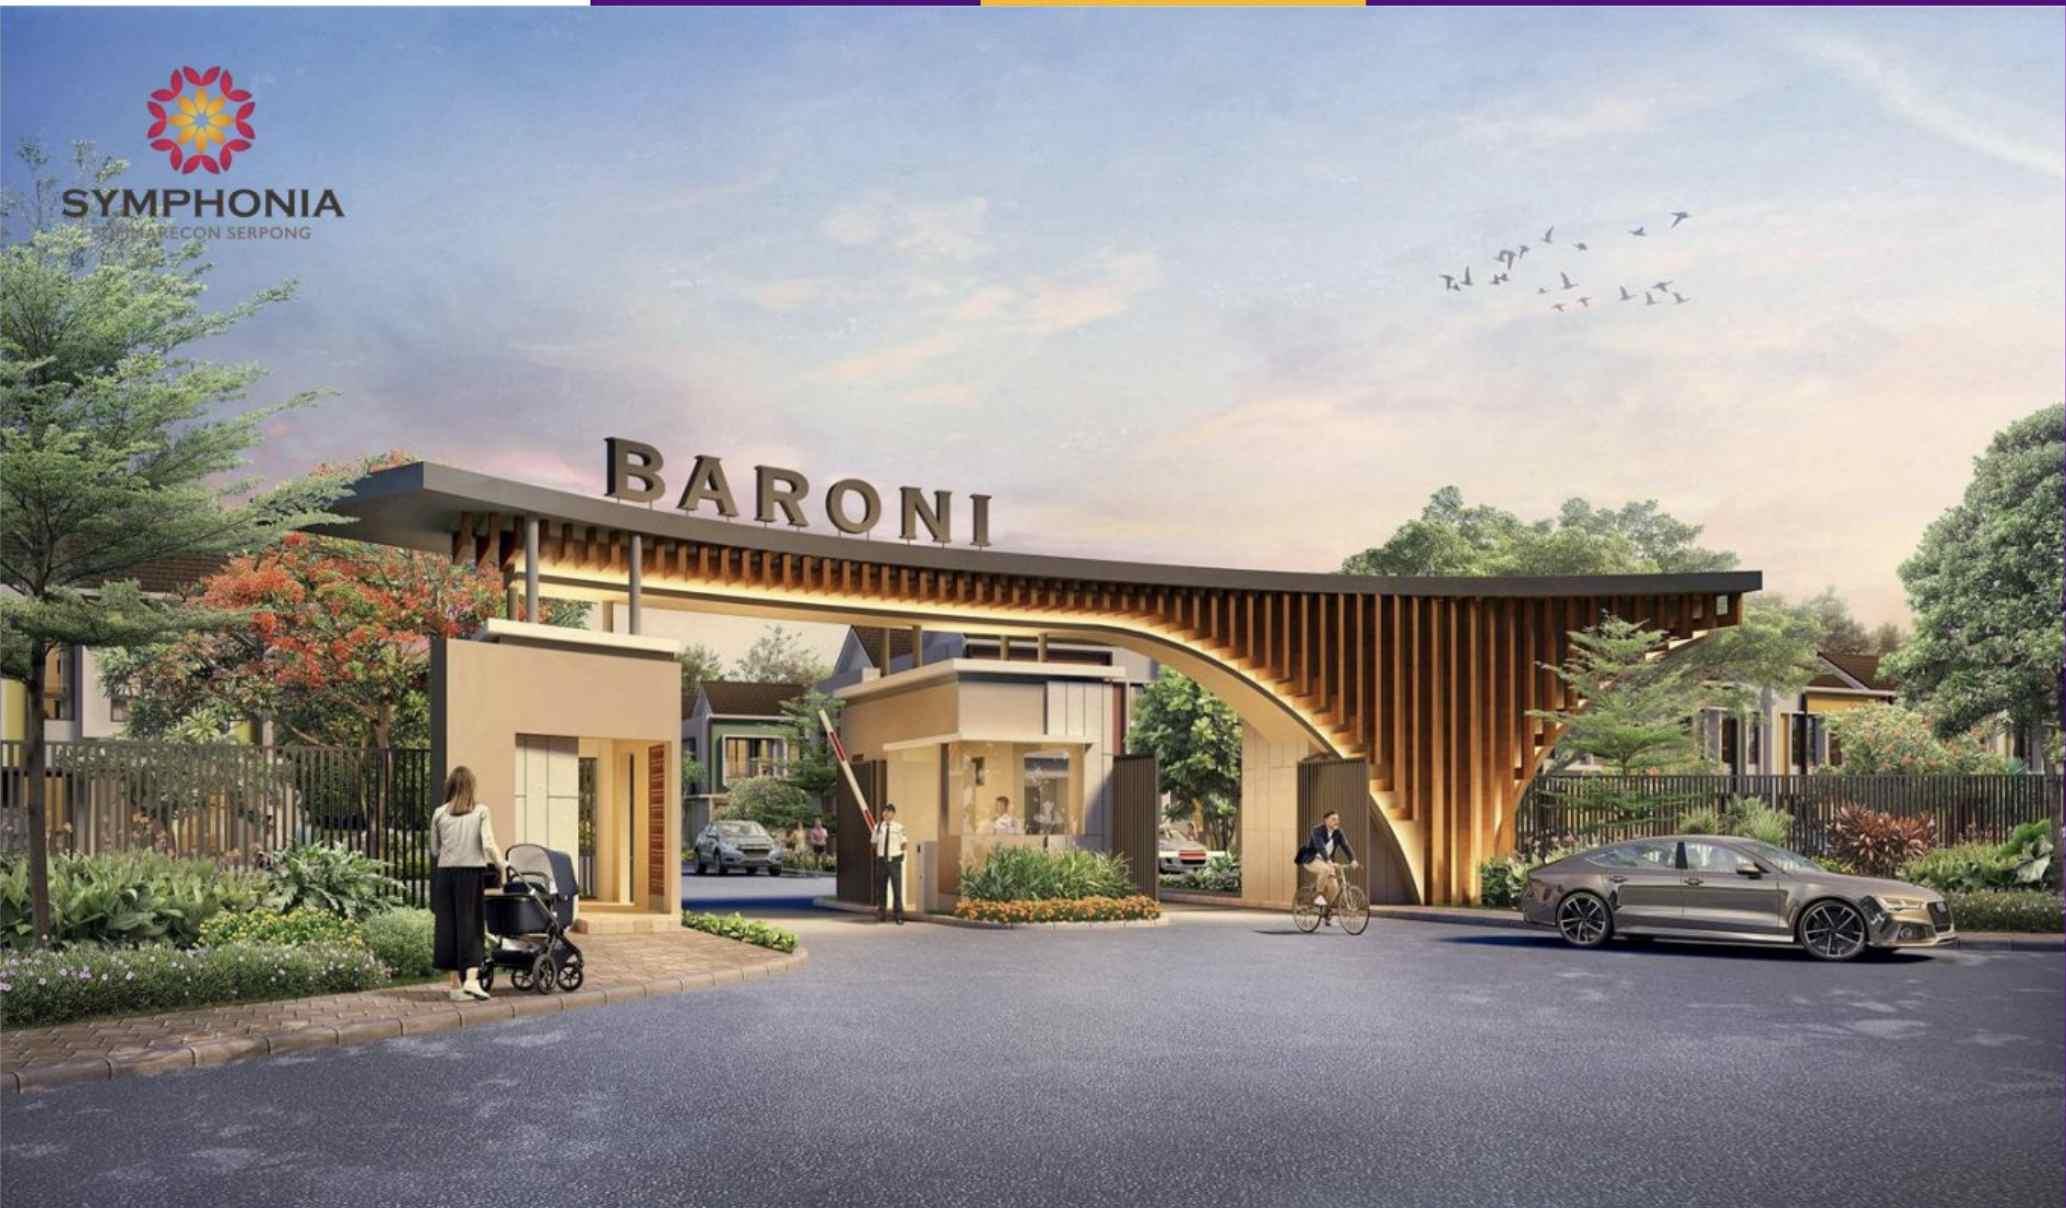 Rumah Baru Cluster Baroni Sumarecon Serpon